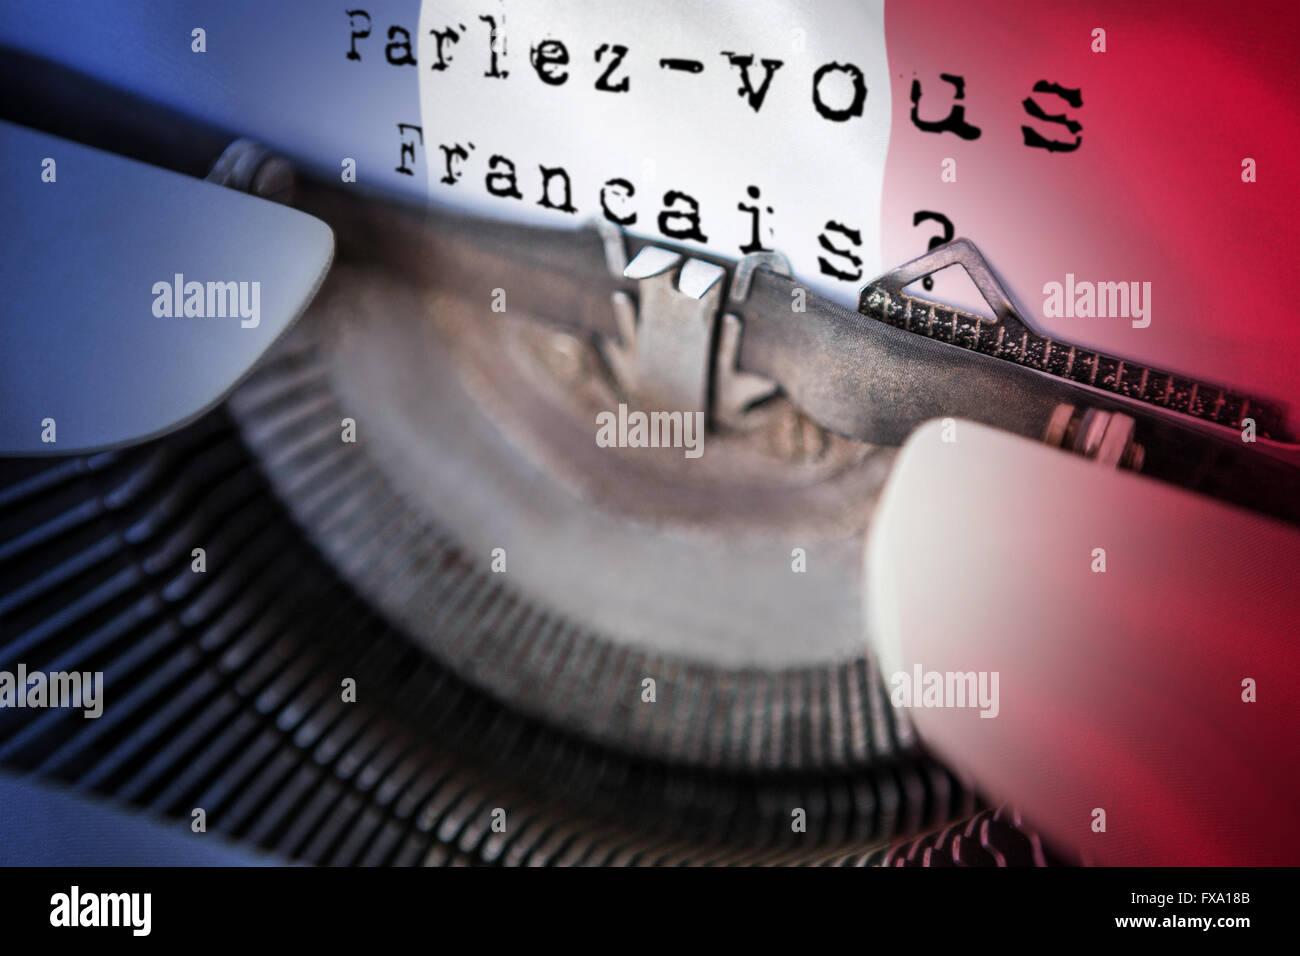 Composite image of parlez vous francais Stock Photo